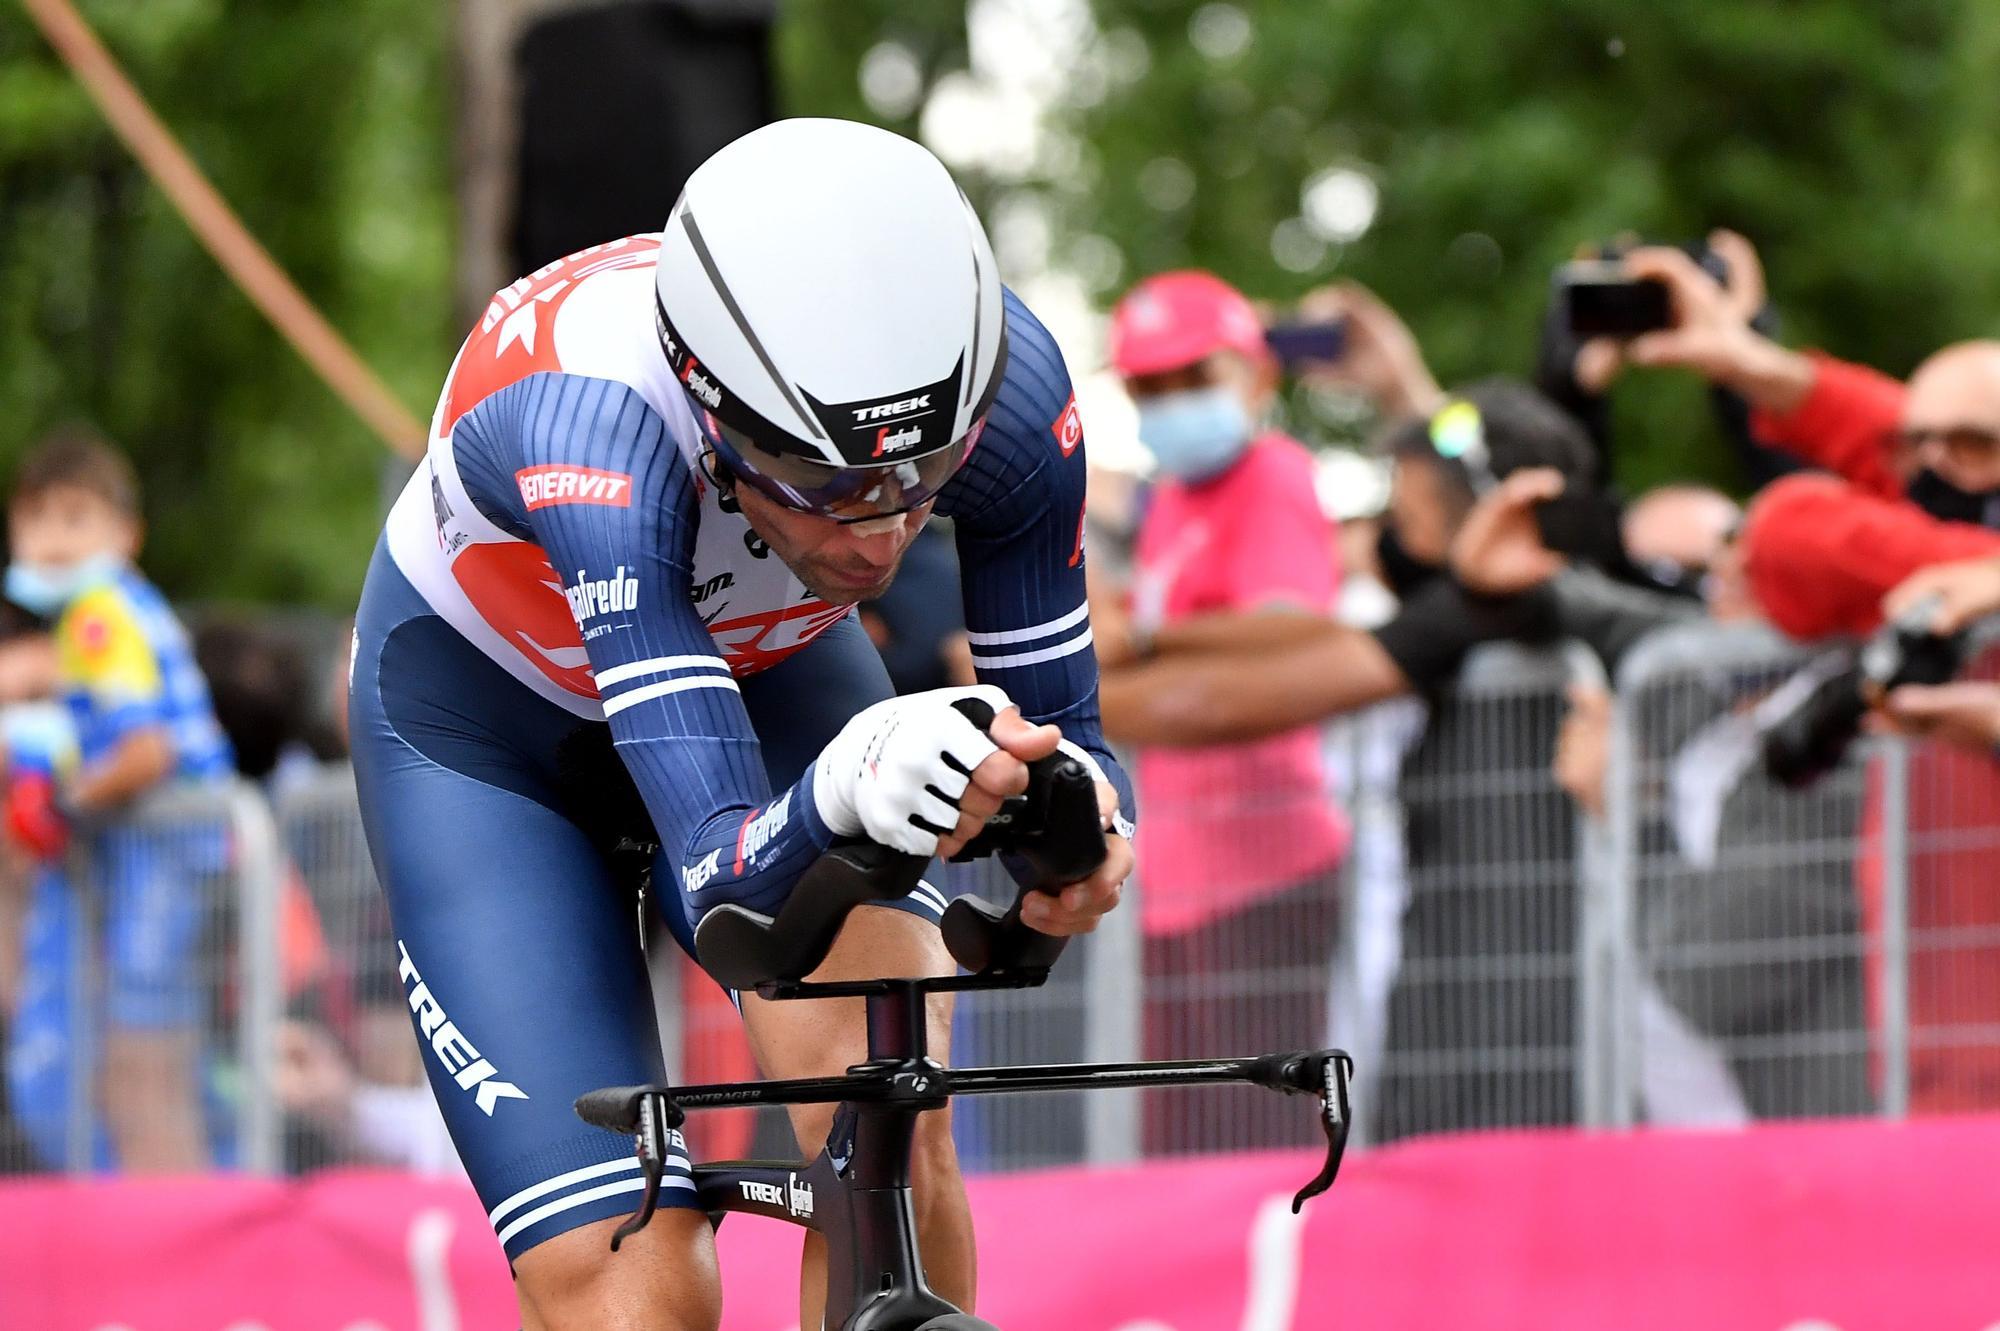 Etapa Turin Turín del Giro de Italia 20211.jpg